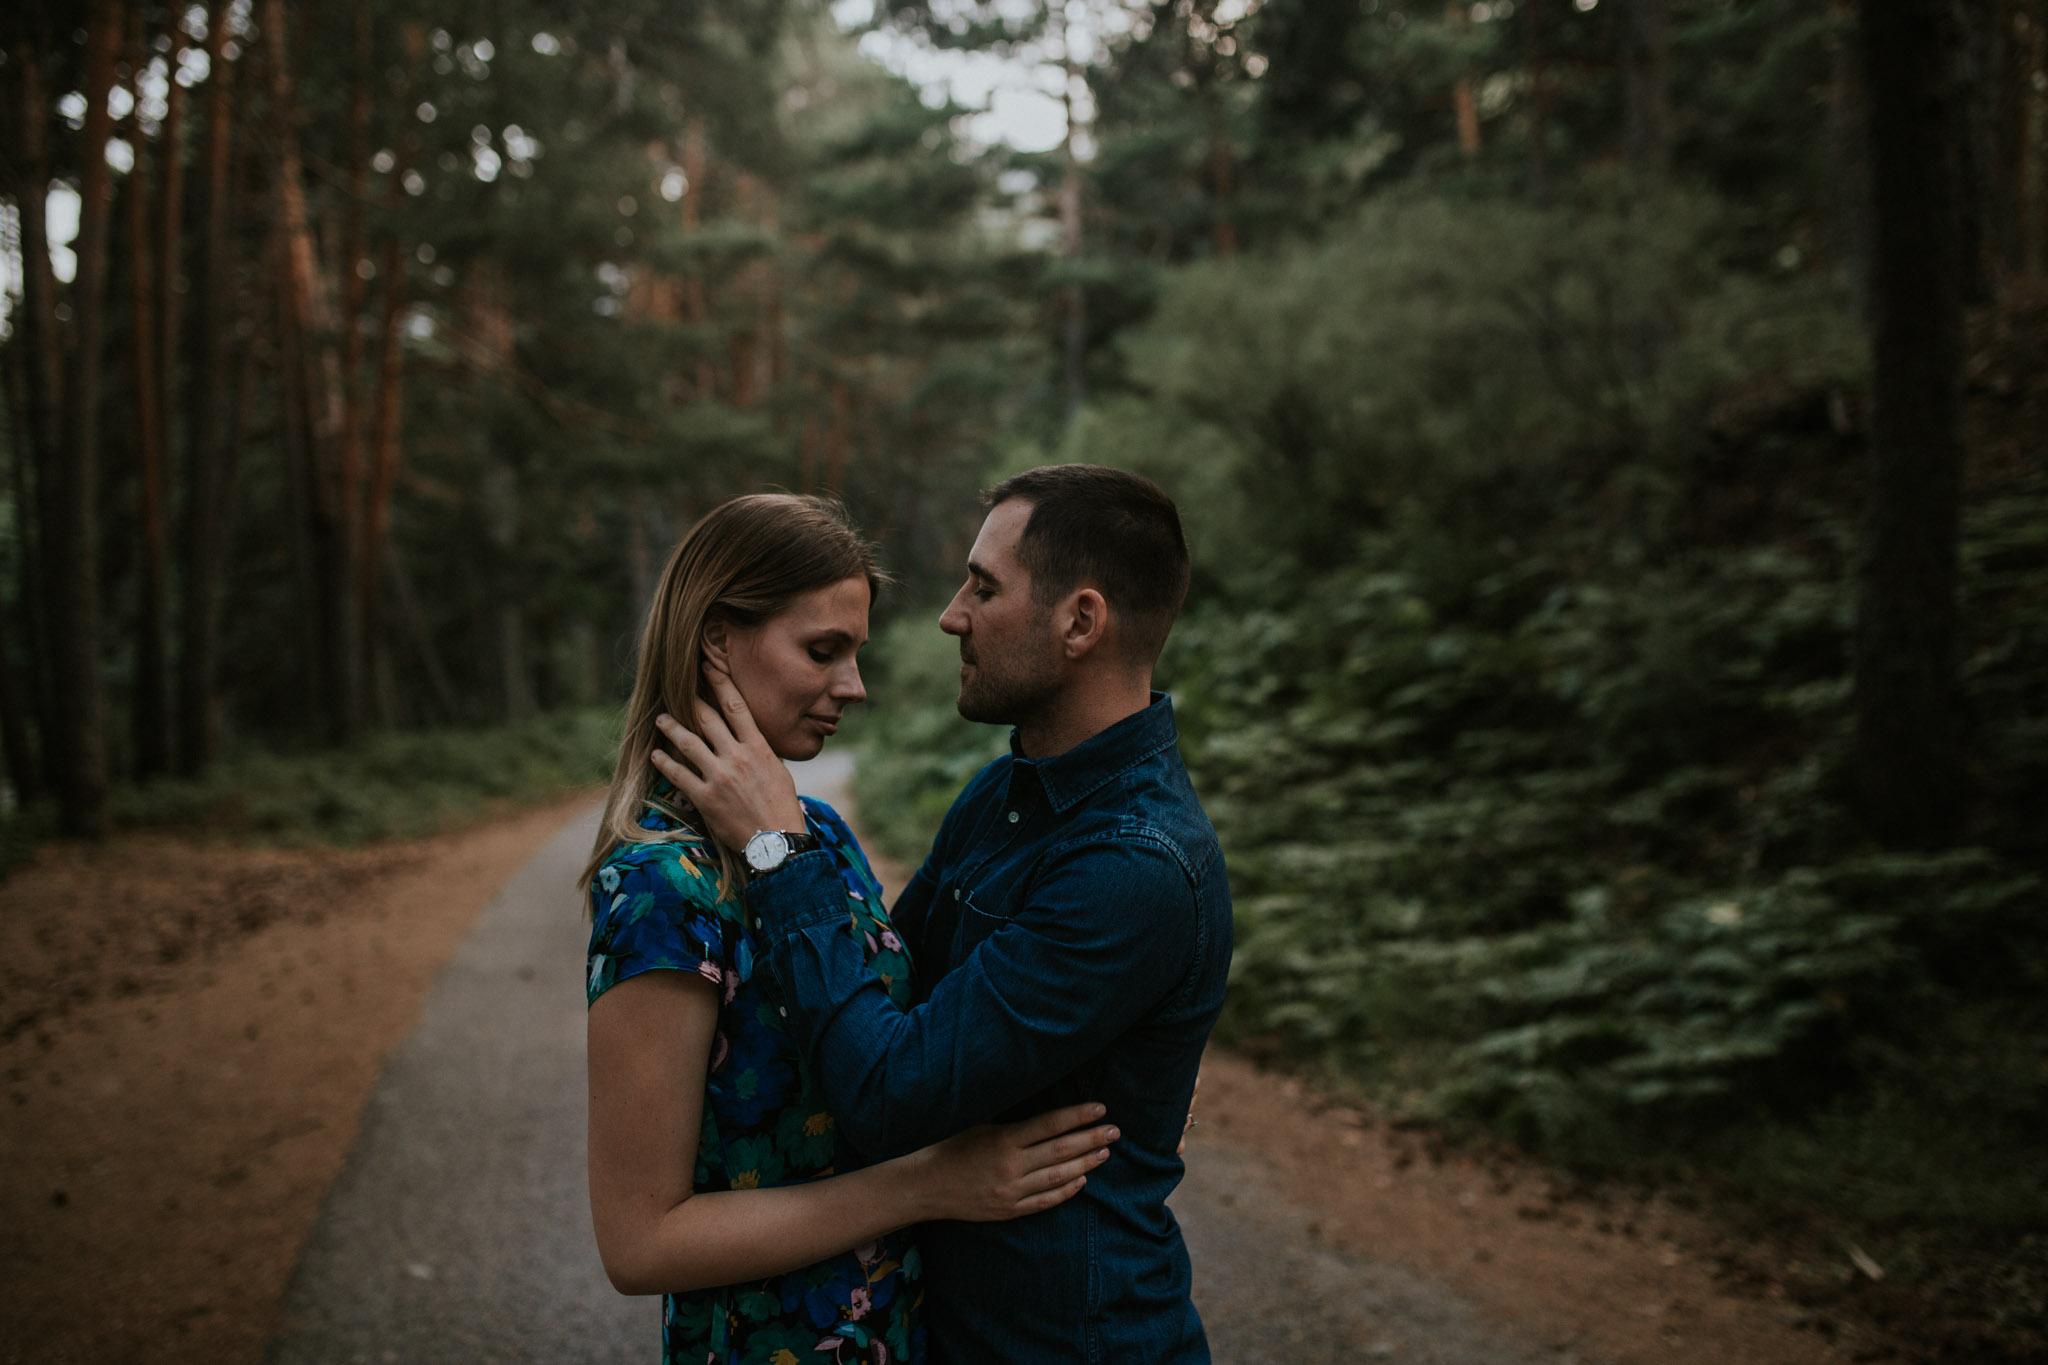 Fotografia pareja bosque 61 Concorazon